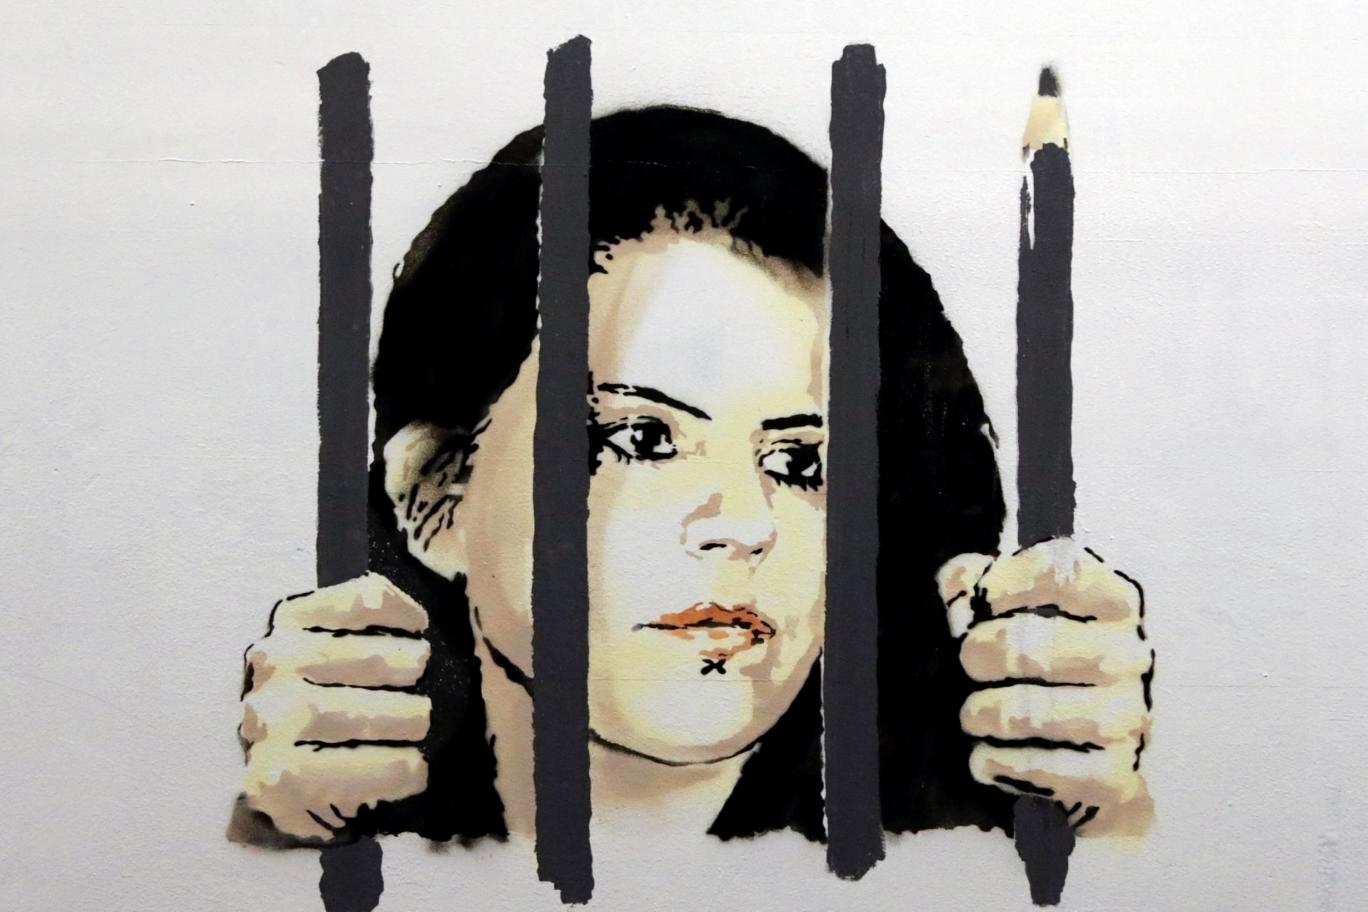 Banksy contro la censura turca. A New York, il murales per l'artista incarcerata da Erdogan